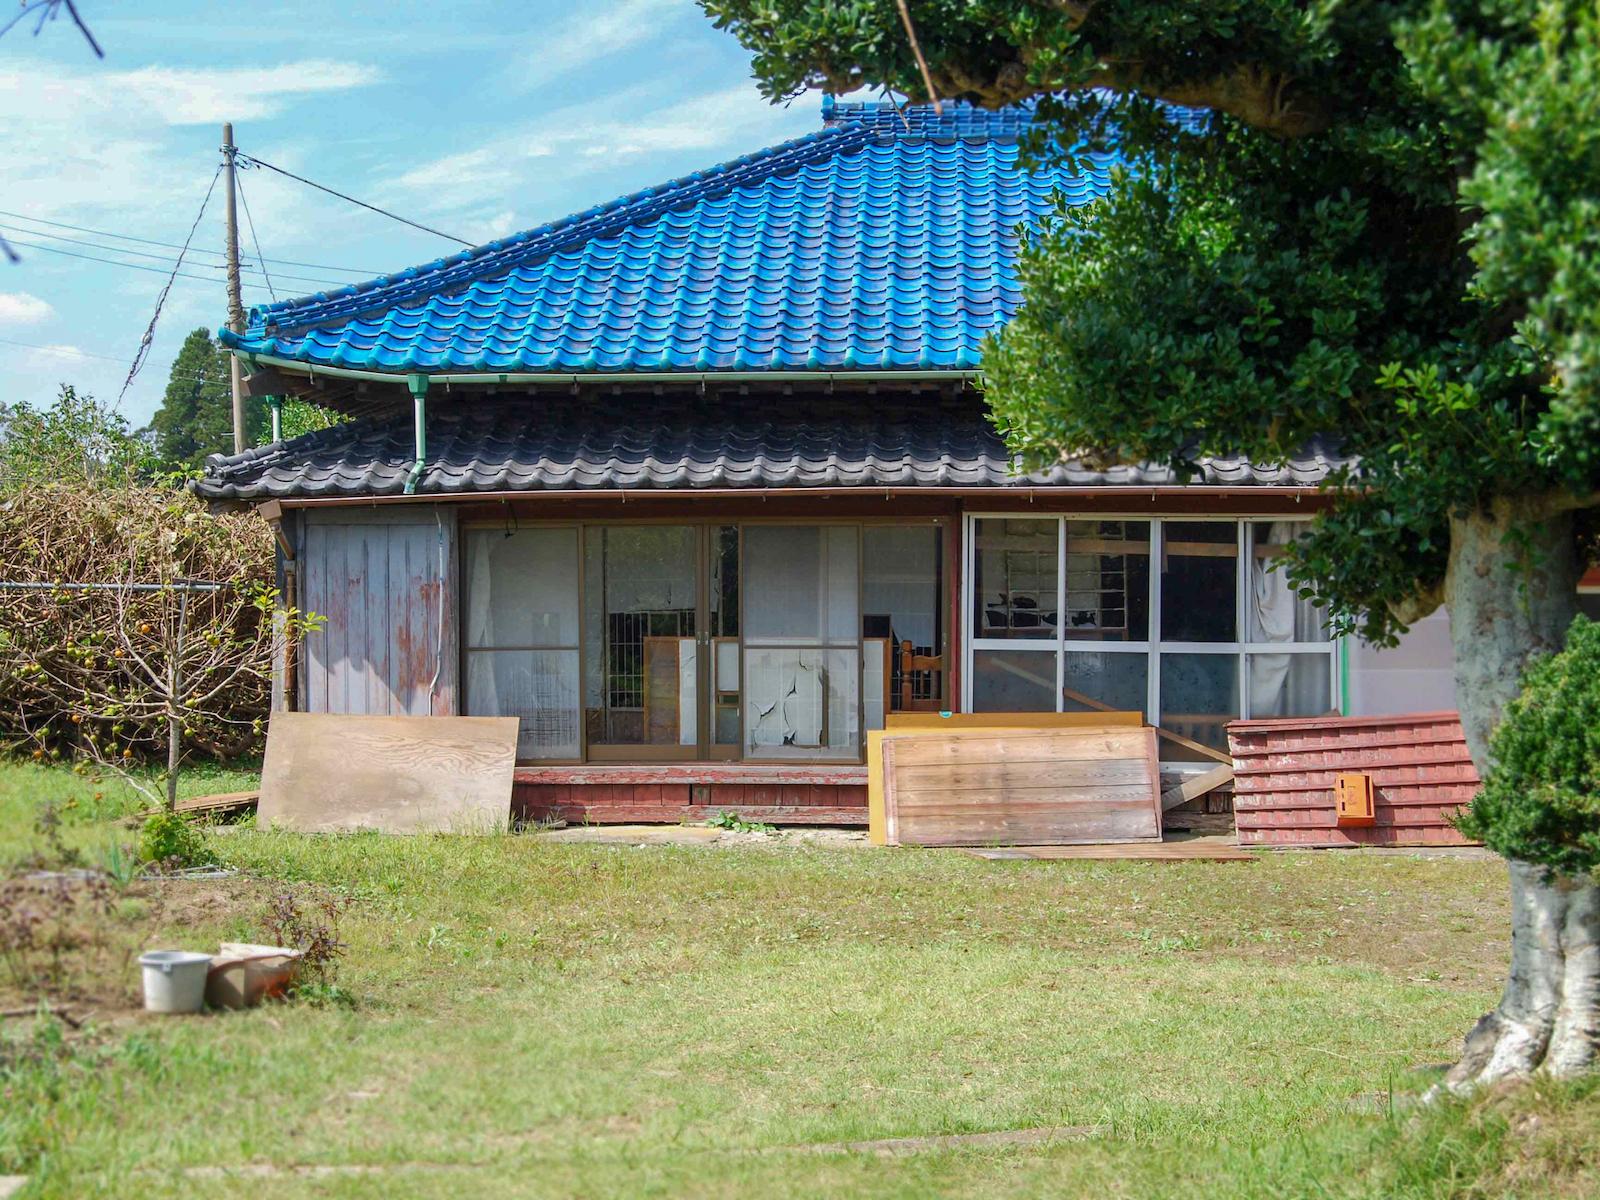 青い瓦屋根が特徴。広い庭と入り口に立つ大きなもちの木